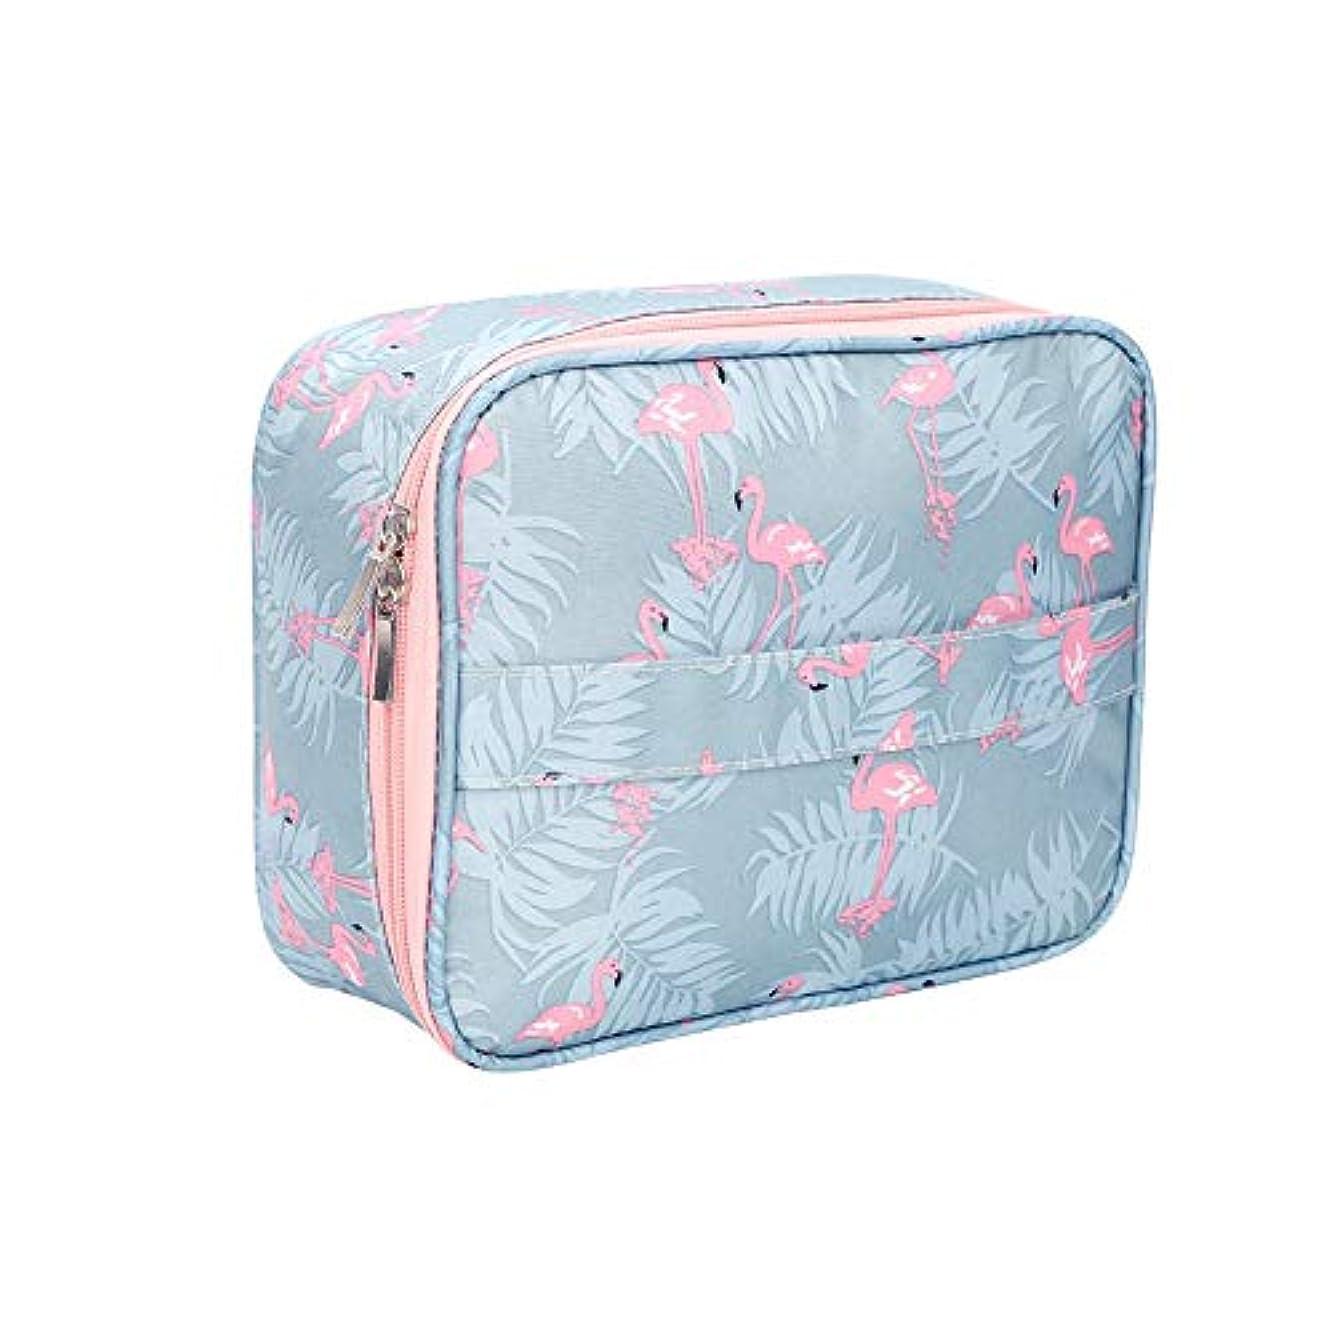 ちょっと待って見ました物理的にピンク メイクボックス プロ用 メイクケース 高品質 コスメ収納スタンド 大容量 コスメケース 旅行用 収納ケース 化粧 收納抜群 メイクブラシバッグ